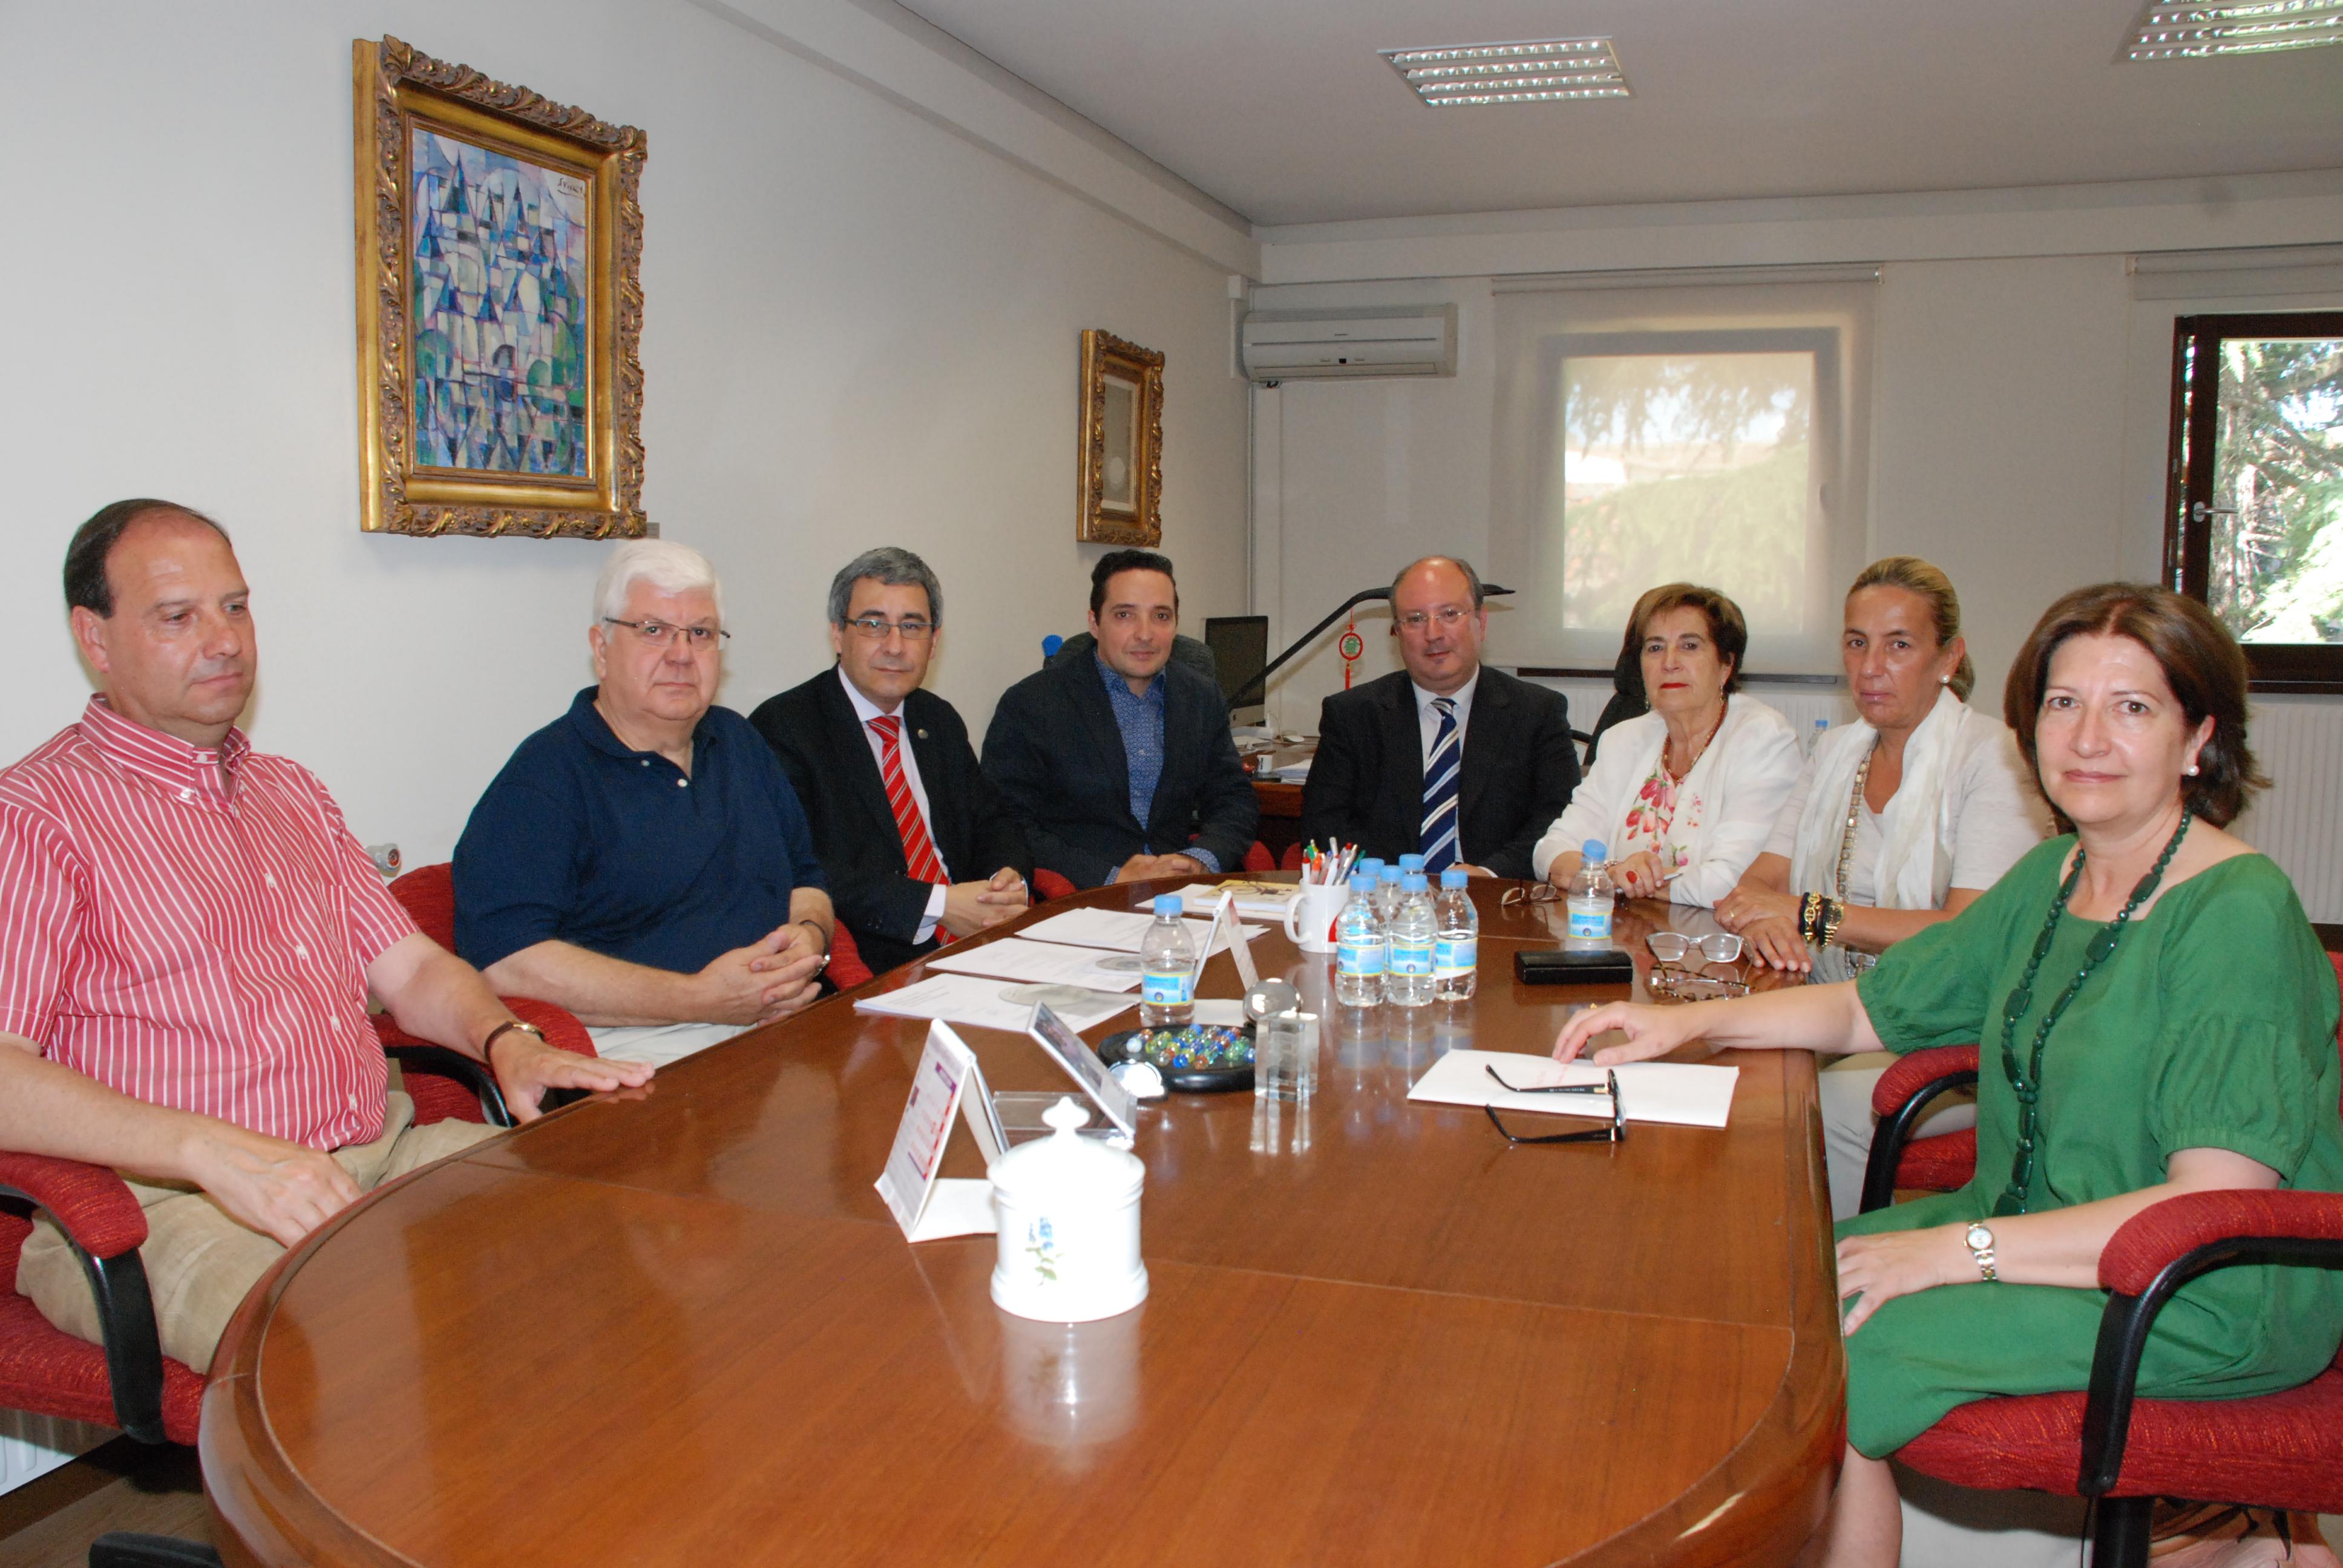 La científica María Fe Flores obtiene el IV Premio a la Investigación Profesor Garmendia, convocado por la Asociación de Antiguos Alumnos de la Universidad de Salamanca